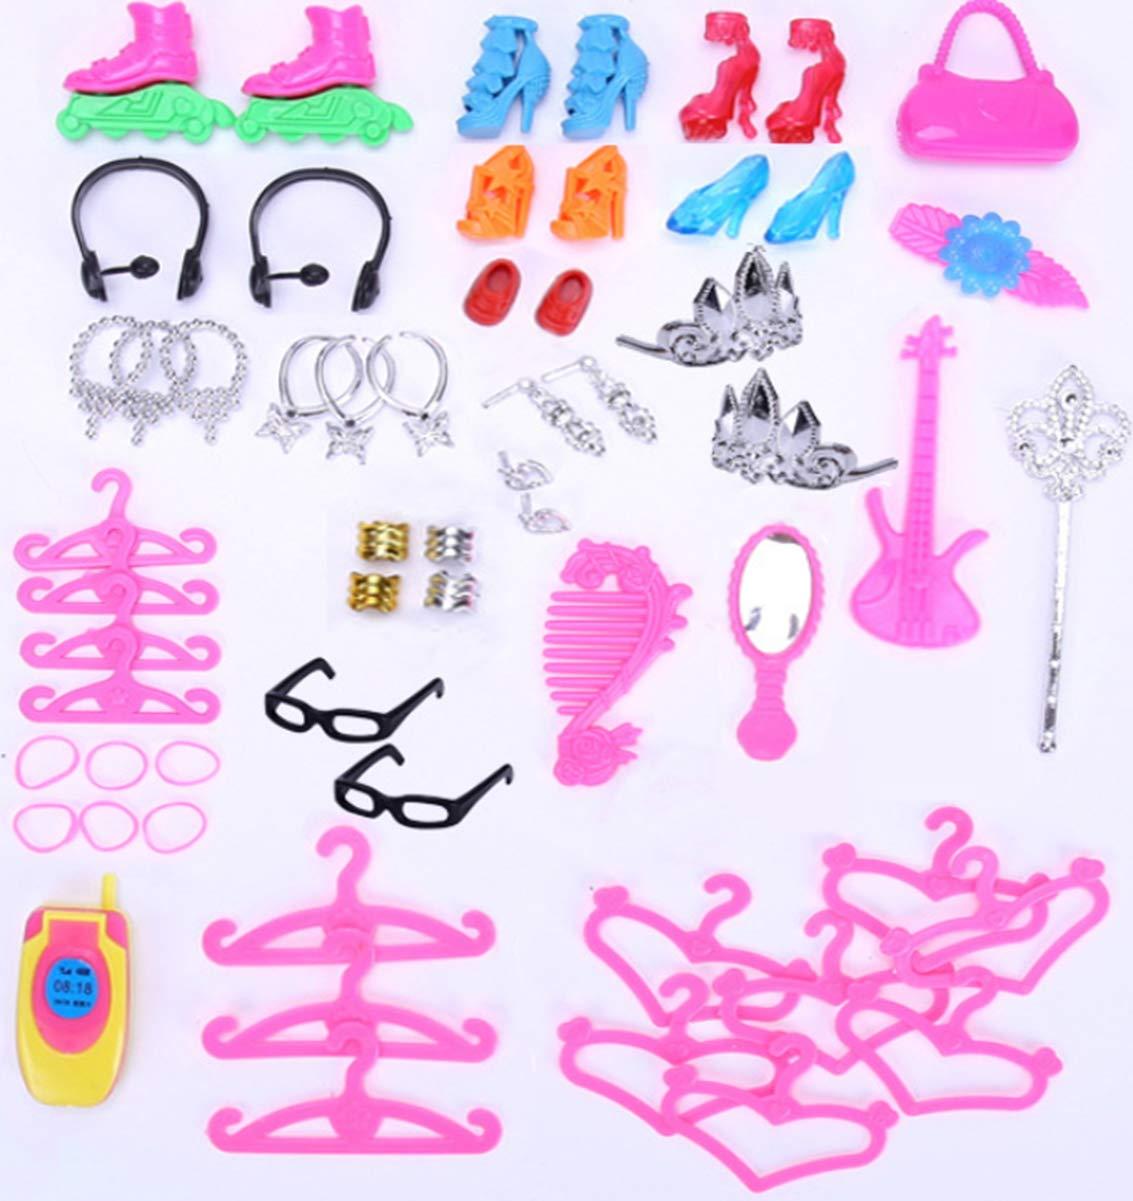 liuer 98PCS Kleidung zubeh/ör Set F/ür 30CM Barbie Puppen Puppe Puppen Zubeh/ör Set Mini Schuhe Kleiderb/ügel Stand Halter Puppenwagen Fahrrad Reinigungswerkzeuge f/ür Kinder Geschenk Zuf/ällig